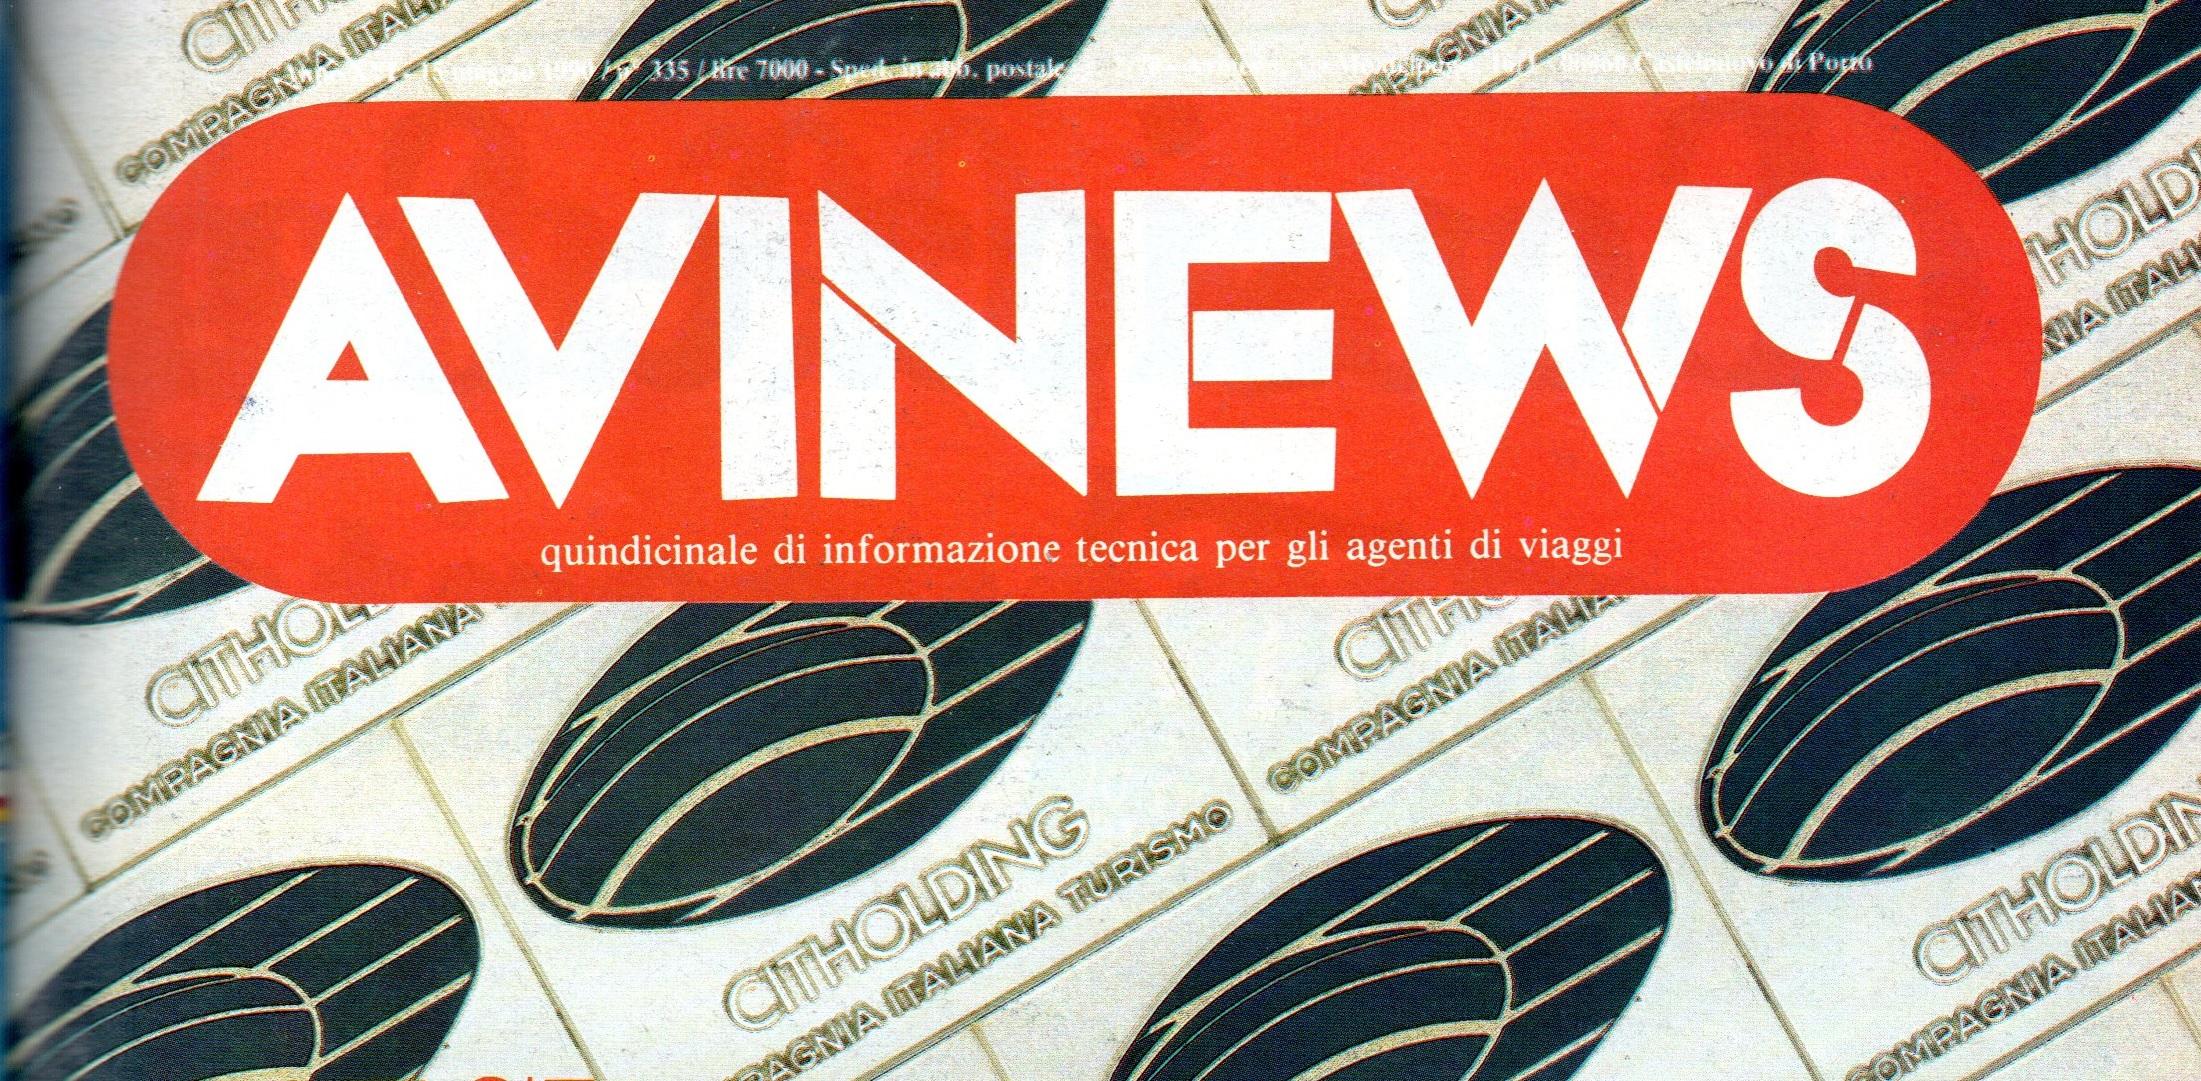 AVINEWS 335: INTERVISTA AL NUOVO PRESIDENTE FIAVET SCANZIANI SUI PROBLEMI DELLA CIT E ULTERIORI RIFLESSIONI SULLA LEGGE QUADRO: DUE PEZZI DA COPERTINA!